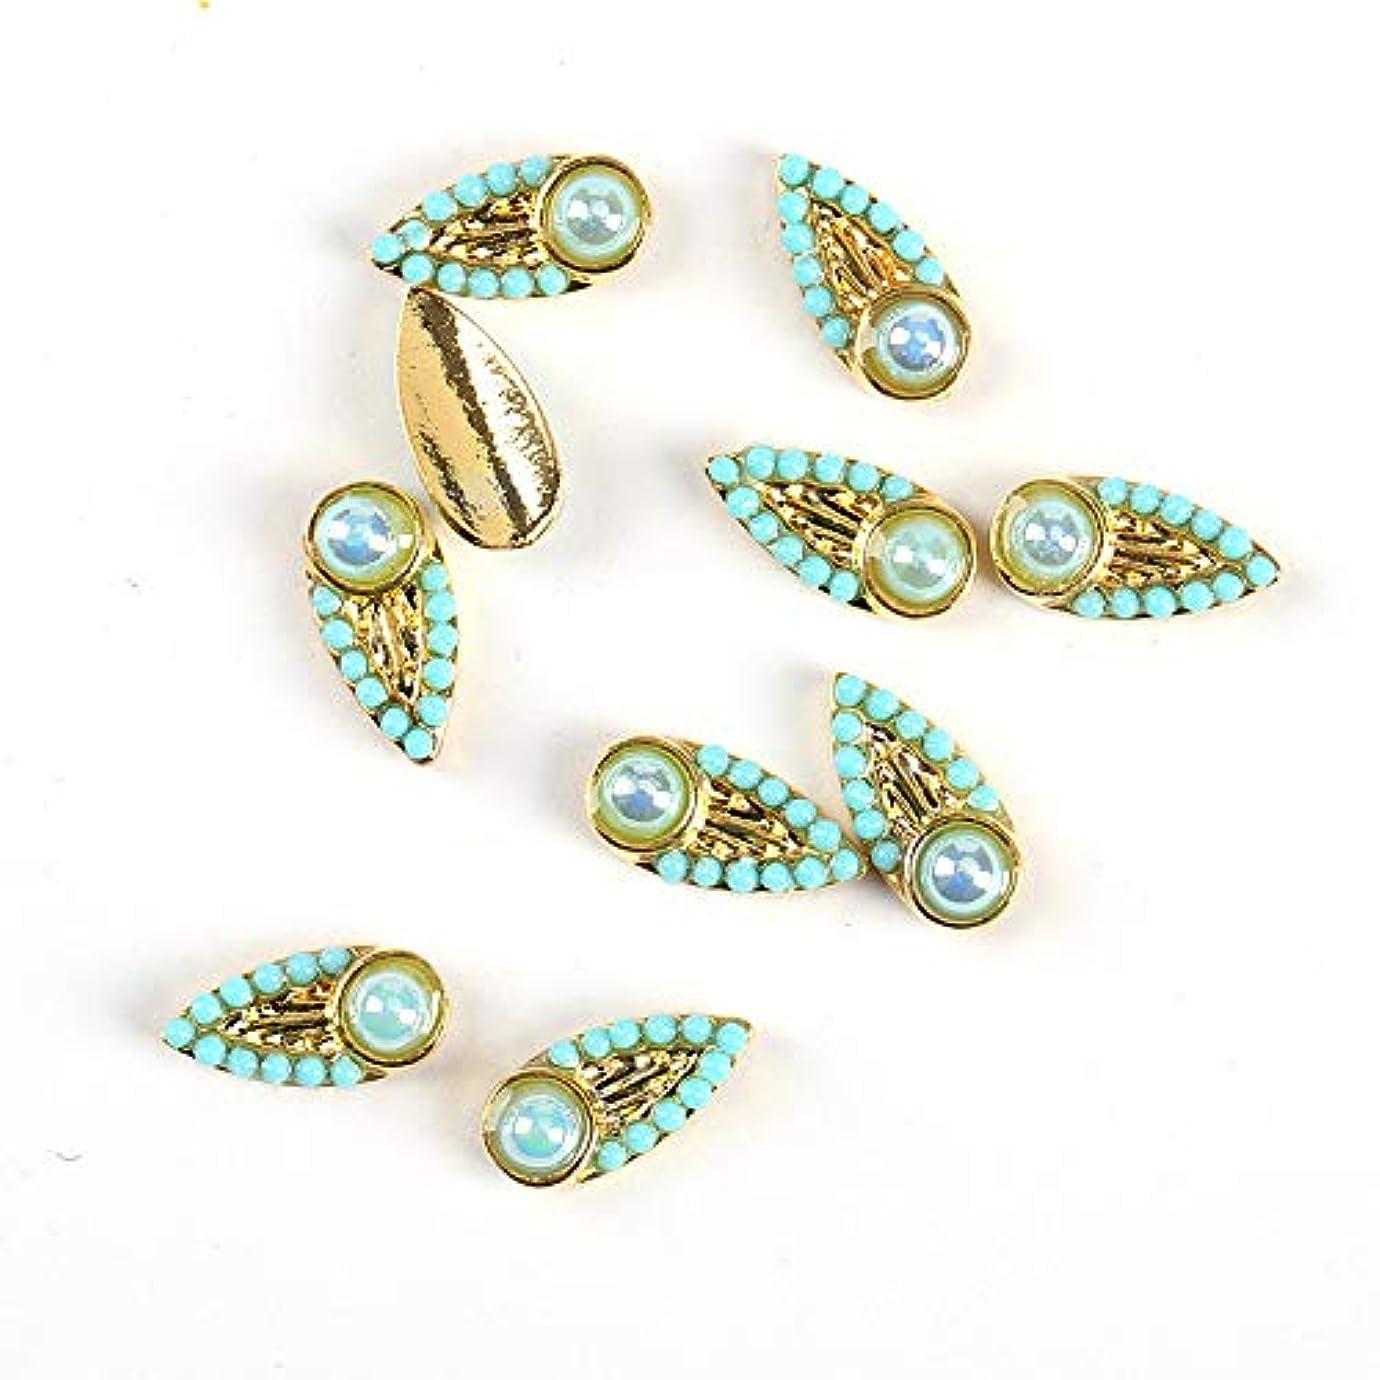 どこか一緒に収容するネイルズアクセサリー用10個入り/ロット3Dネイルアートの装飾ゴールドネイルスタッド象眼細工の宝石デザイン2色,1